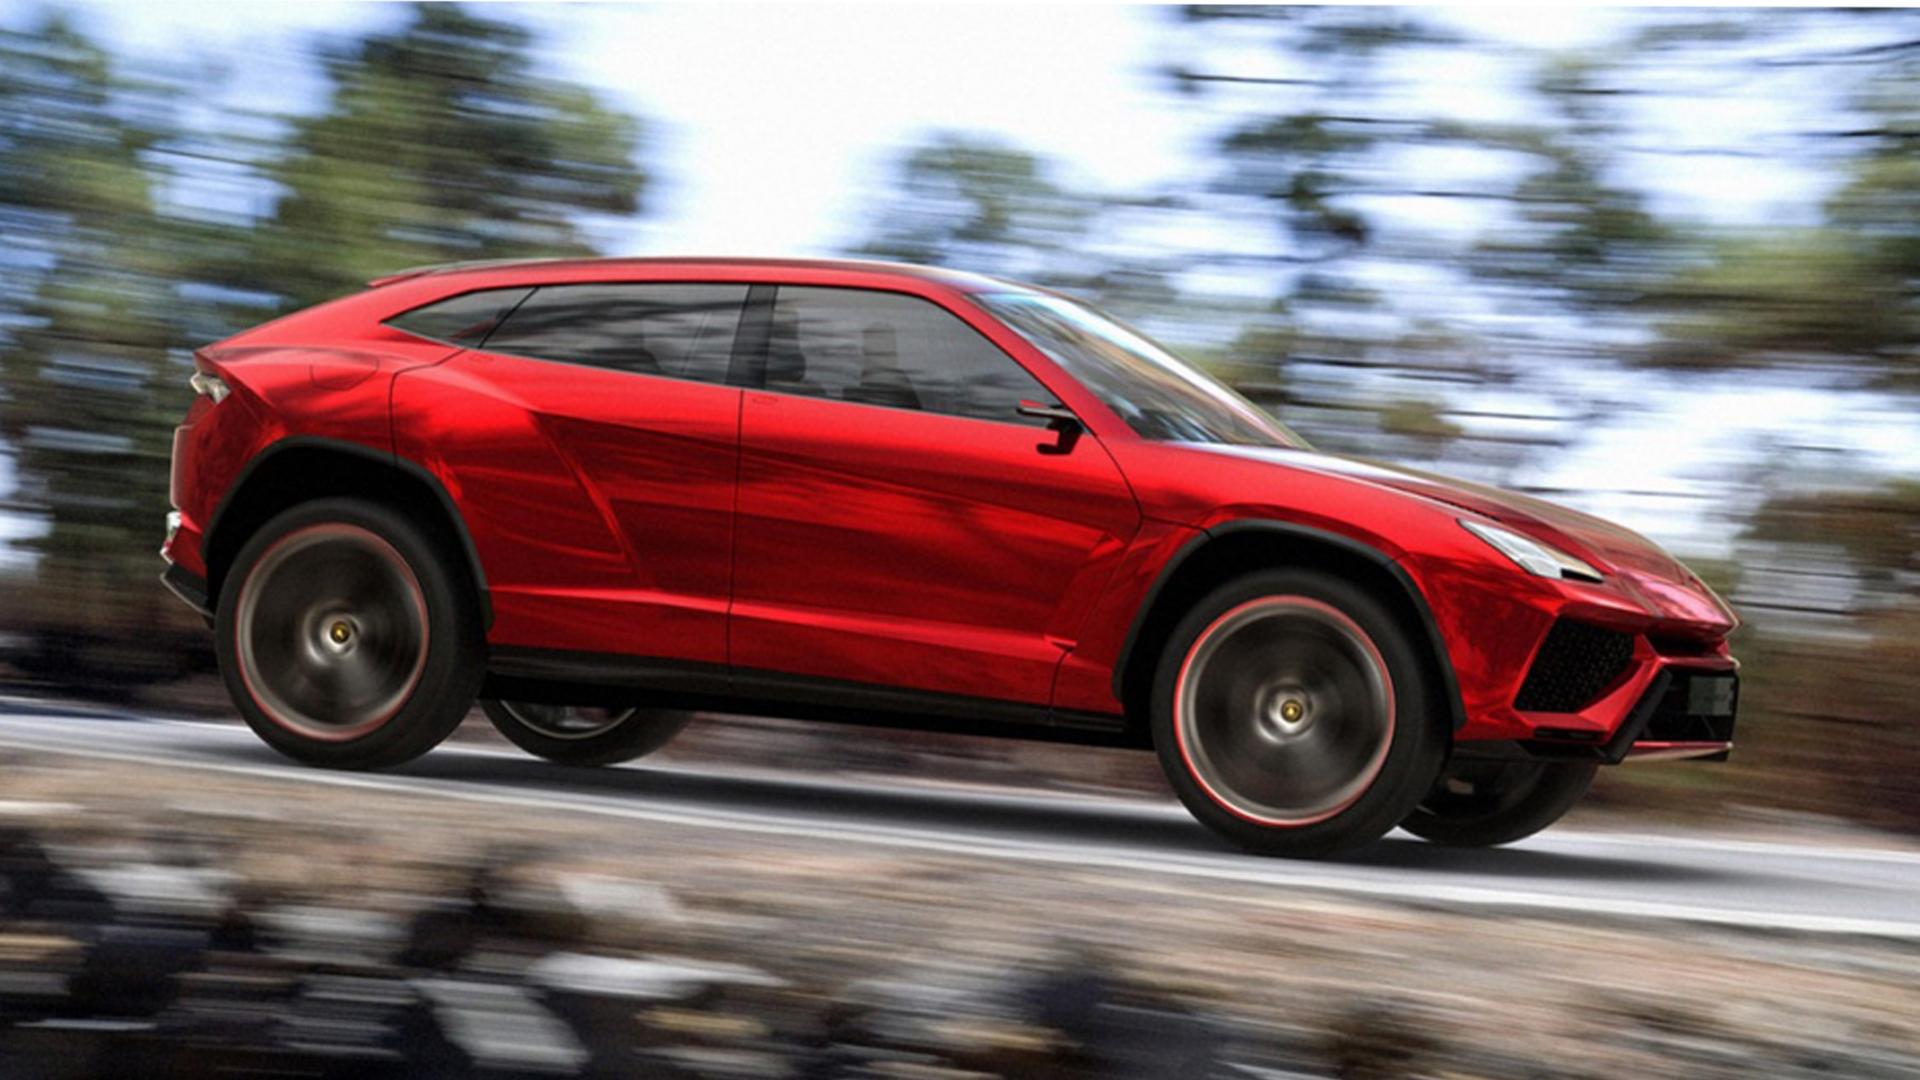 New-Lamborghini-Urus-Wallpaper